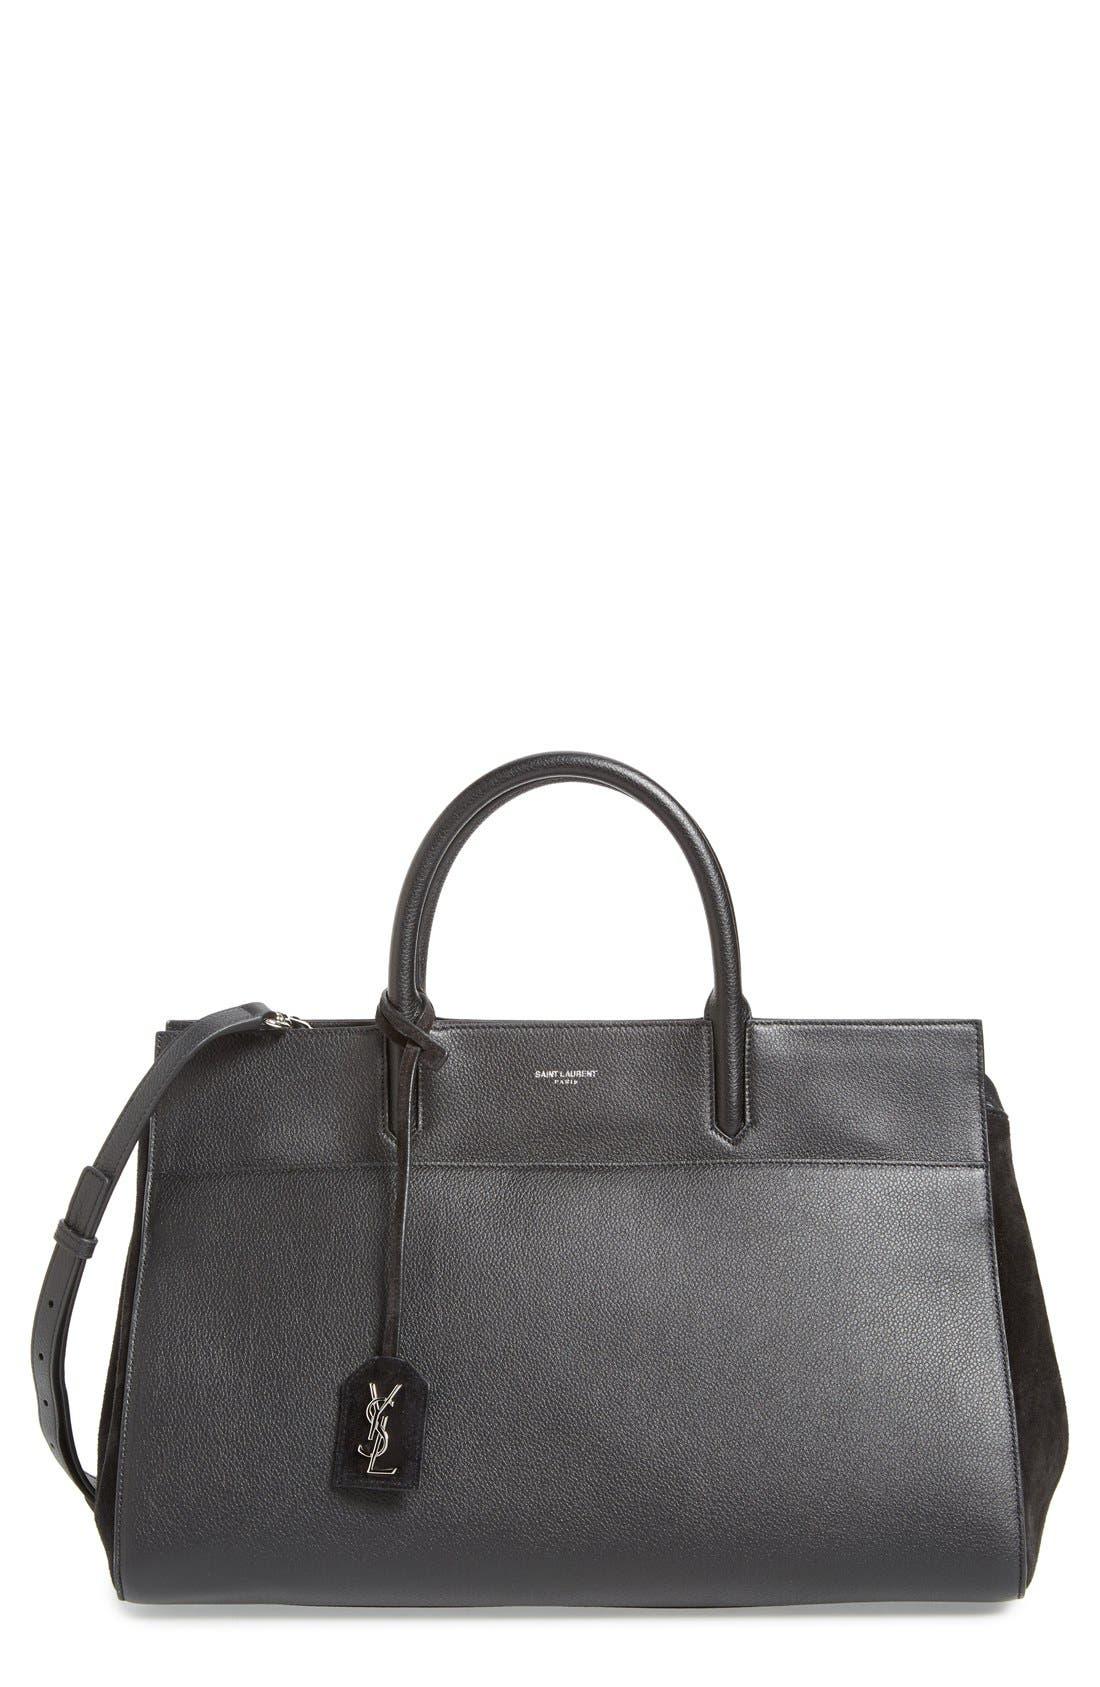 Main Image - Saint Laurent 'Medium Rive Gauche' Grained Leather Satchel